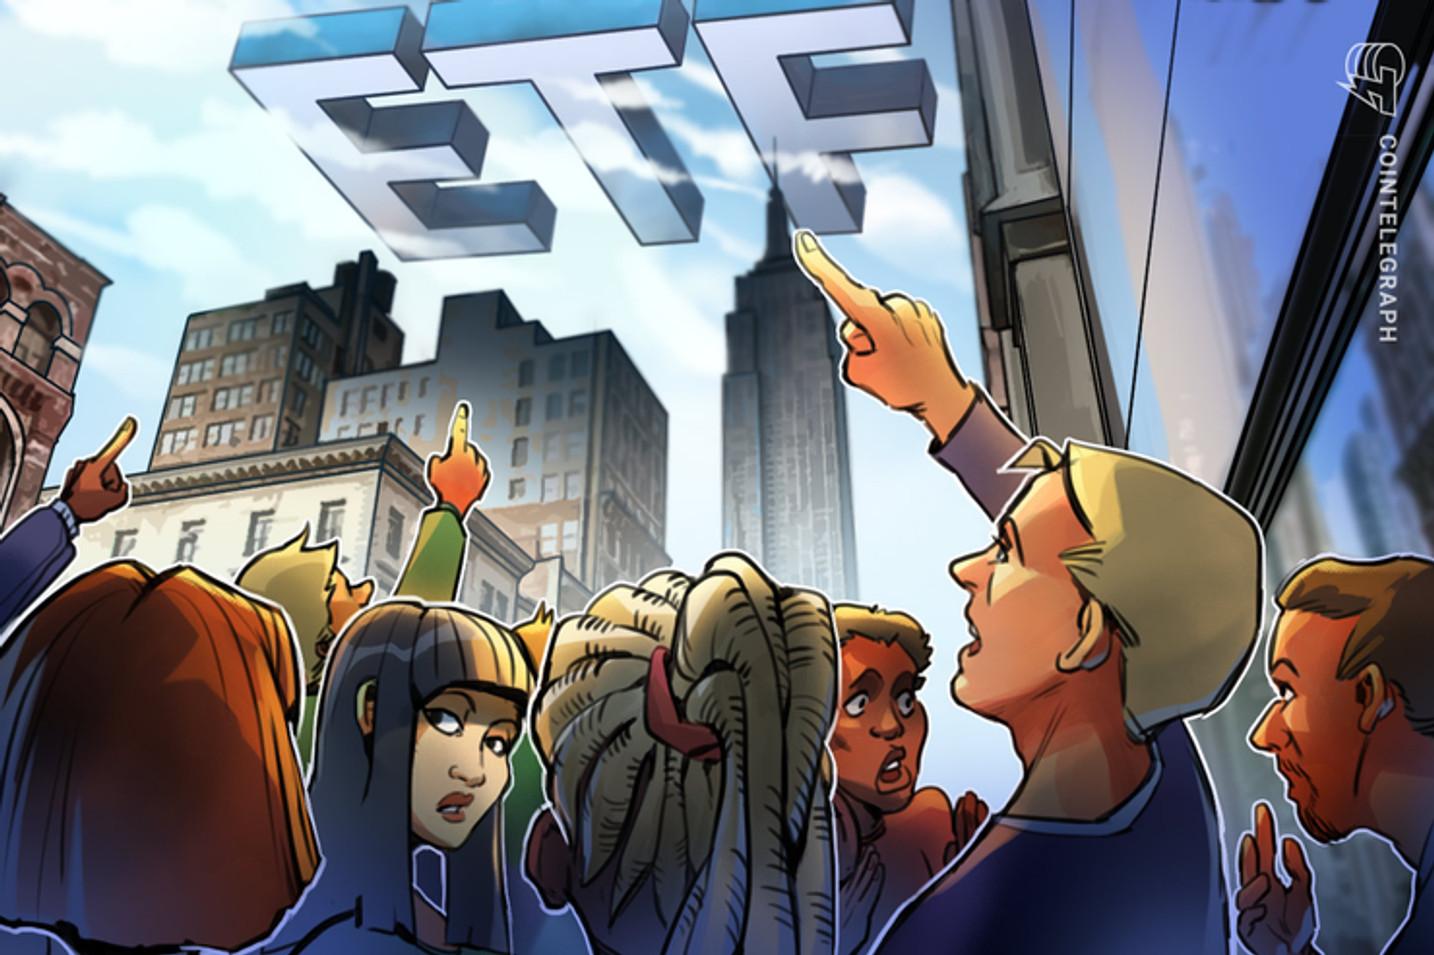 'Bitwise está trabalhando duro para conseguir a aprovação do ETF de Bitcoin' afirma Matt Hougan